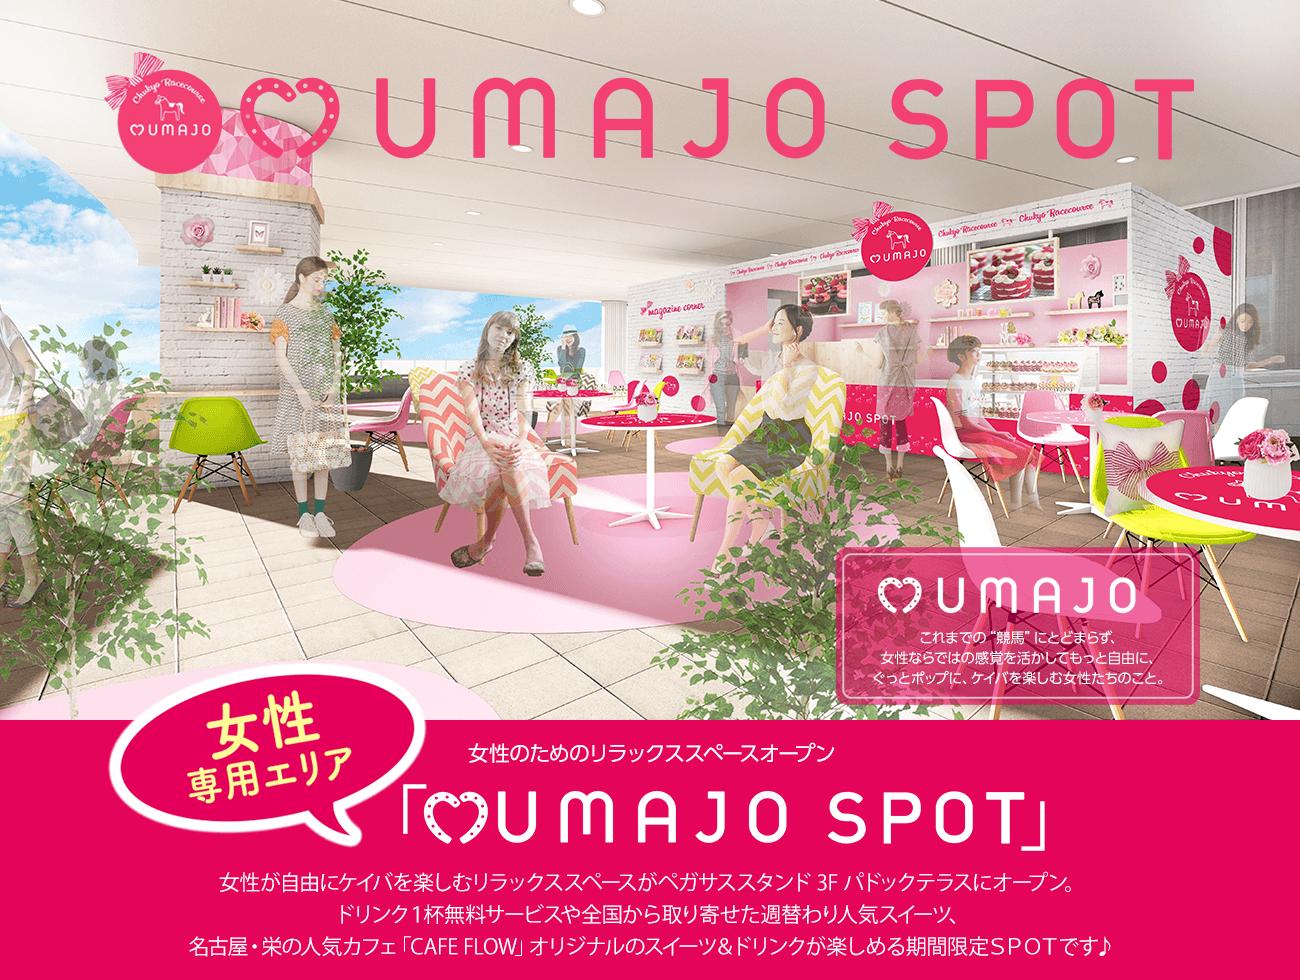 中京競馬場で女子力アップ!『UMAJO SPOT』は全ての女性にオススメ - TOP